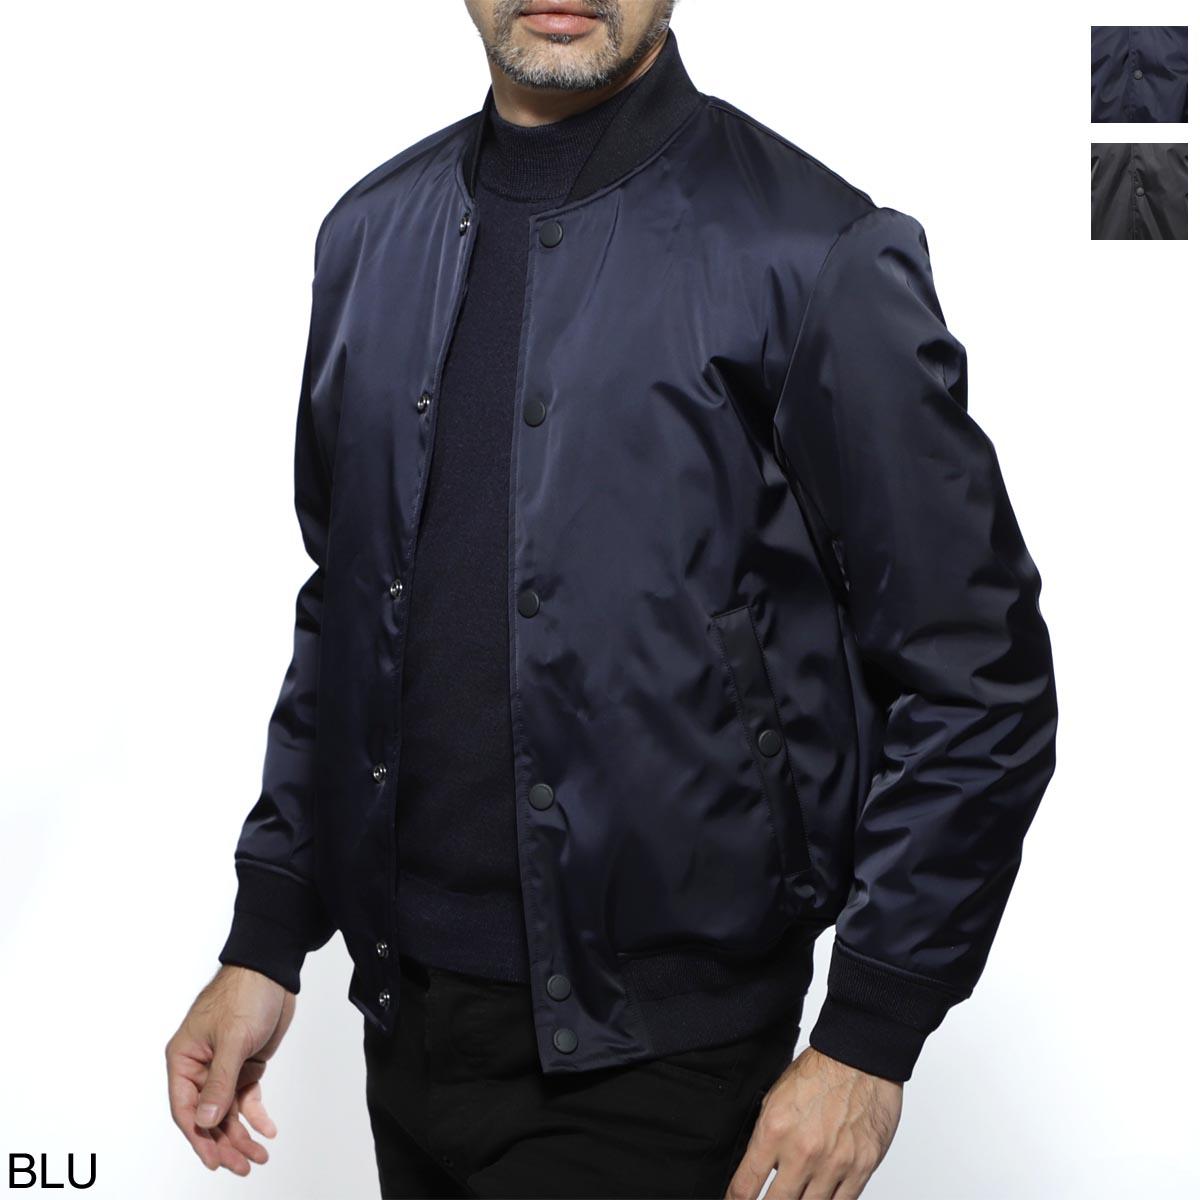 【アウトレット】エンポリオアルマーニ EMPORIO ARMANI ボンバージャケット メンズ アウター カジュアル 大きいサイズあり 6g1bb5 1npkz 0930【あす楽対応_関東】【返品送料無料】【ラッピング無料】